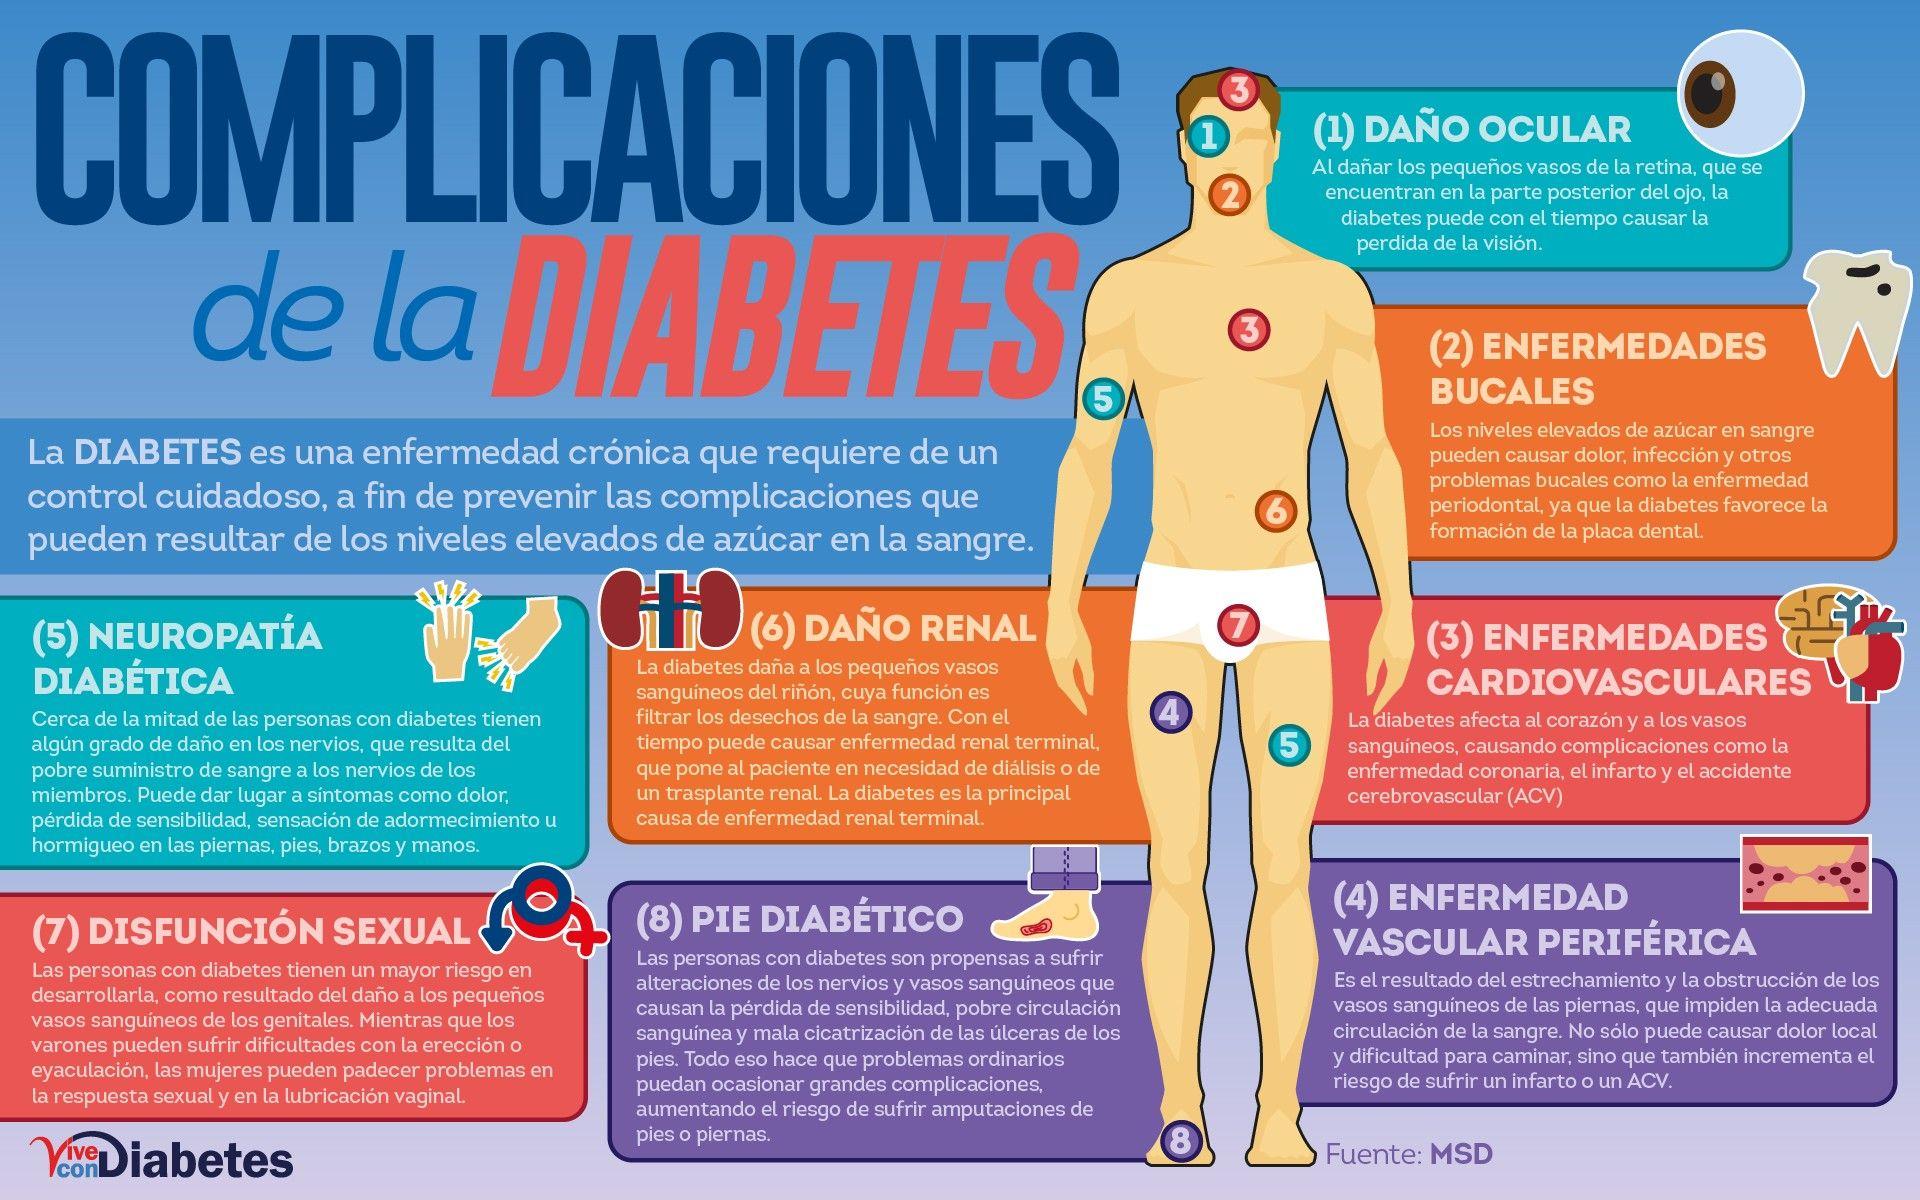 diabetes dolor en los nervios de las piernas